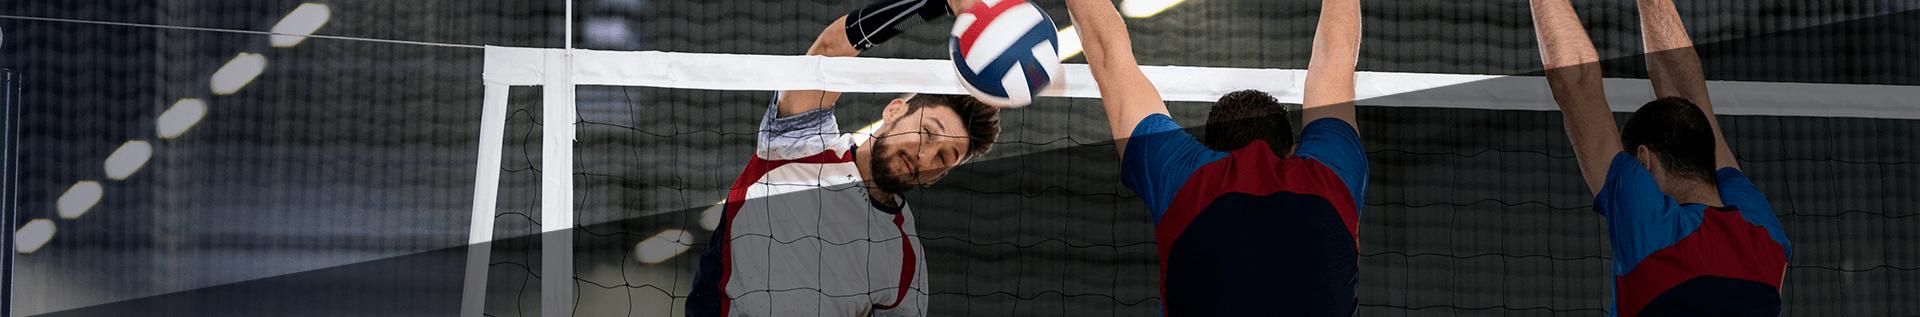 Волейбольні сітки